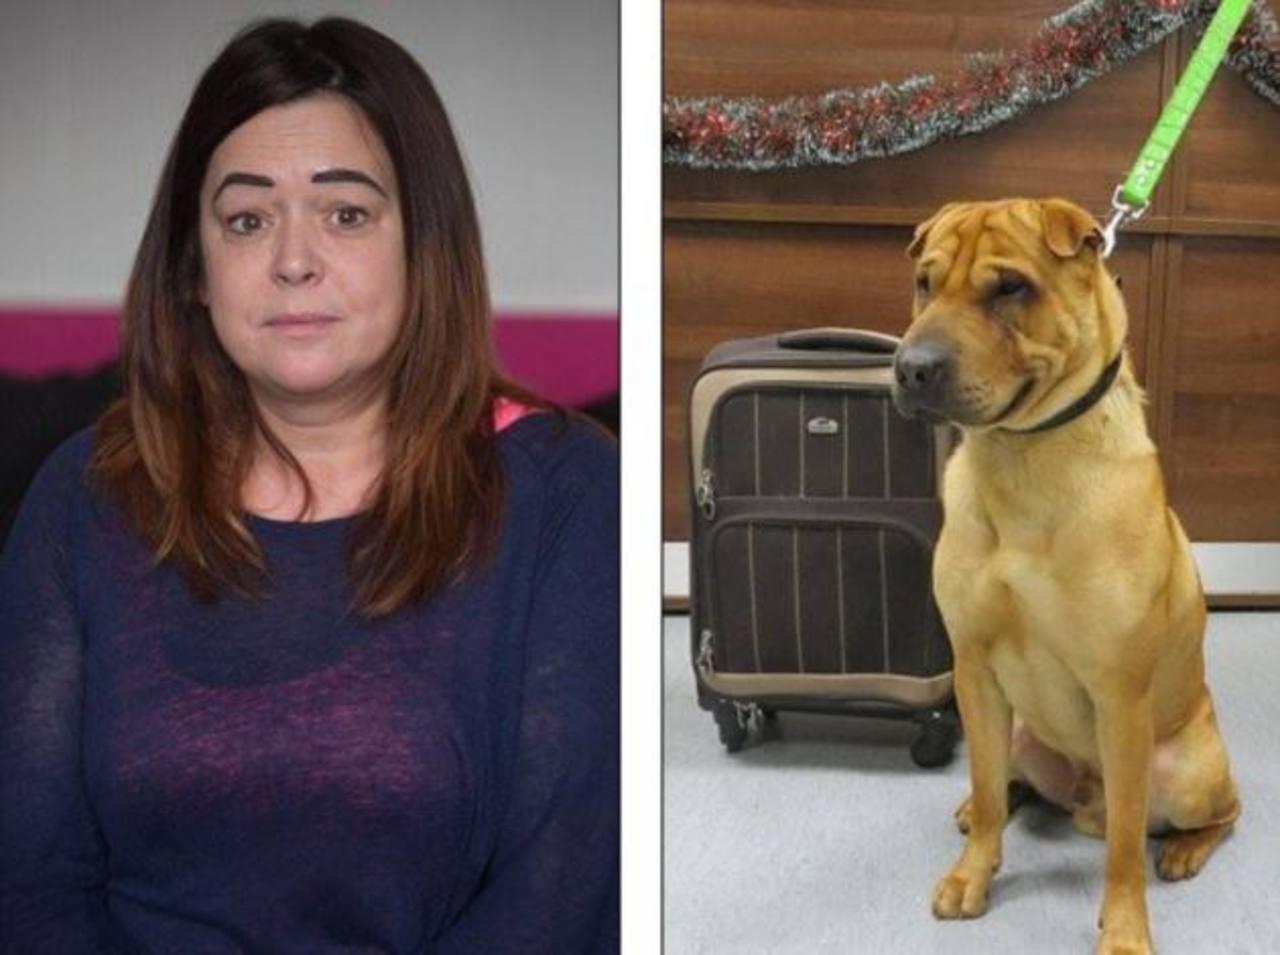 Se resuelve misterio de perro abandonado en estación de Escocia